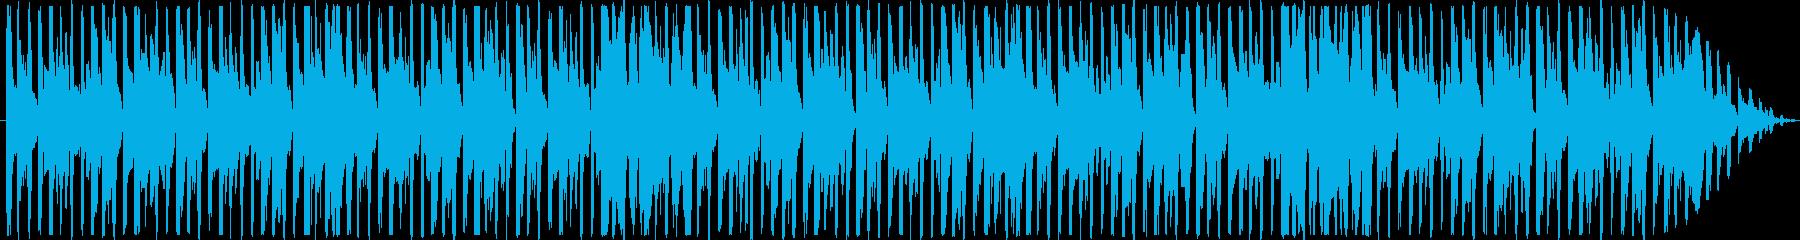 ジングル - 効果覿面!エアロビクス!の再生済みの波形